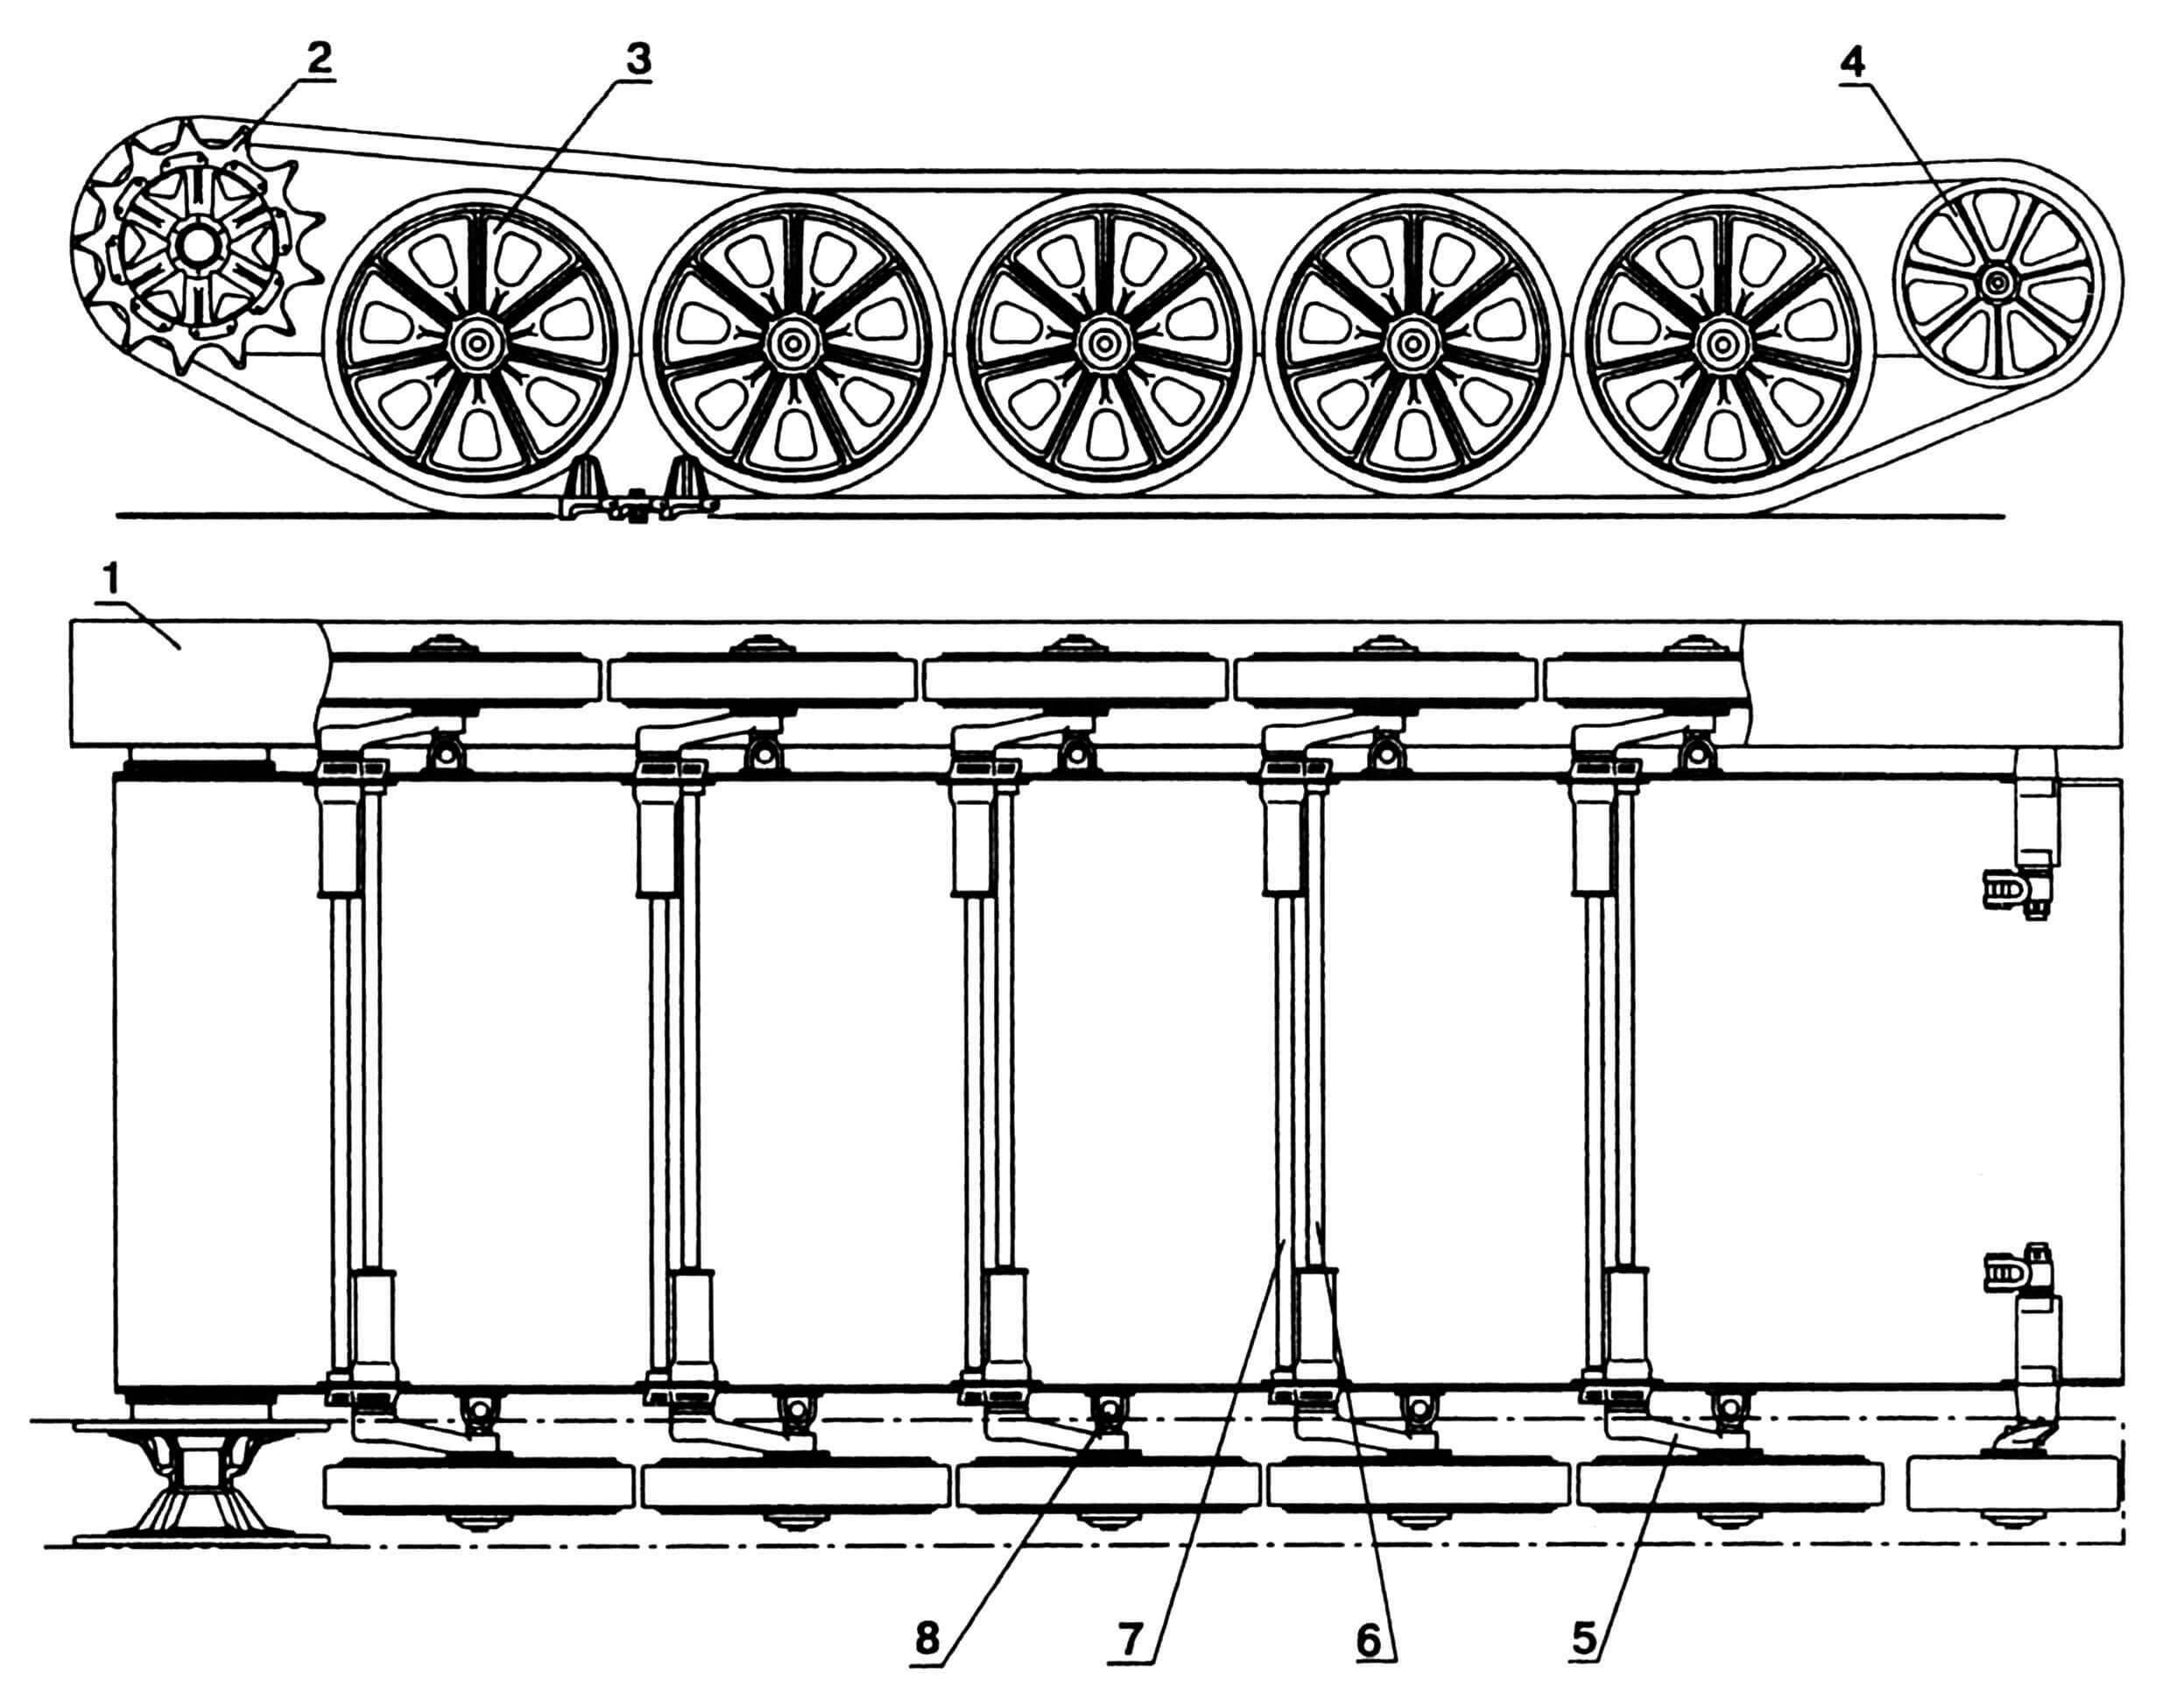 Ходовая часть: 1 — цепь гусеничная; 2 — колесо ведущее; 3 — каток опорный; 4— колесо направляющее; 5 — рычаг катка; 6 — вал торсионный, левый; 7 — вал торсионный, правый; 8 — упор рычага катка.